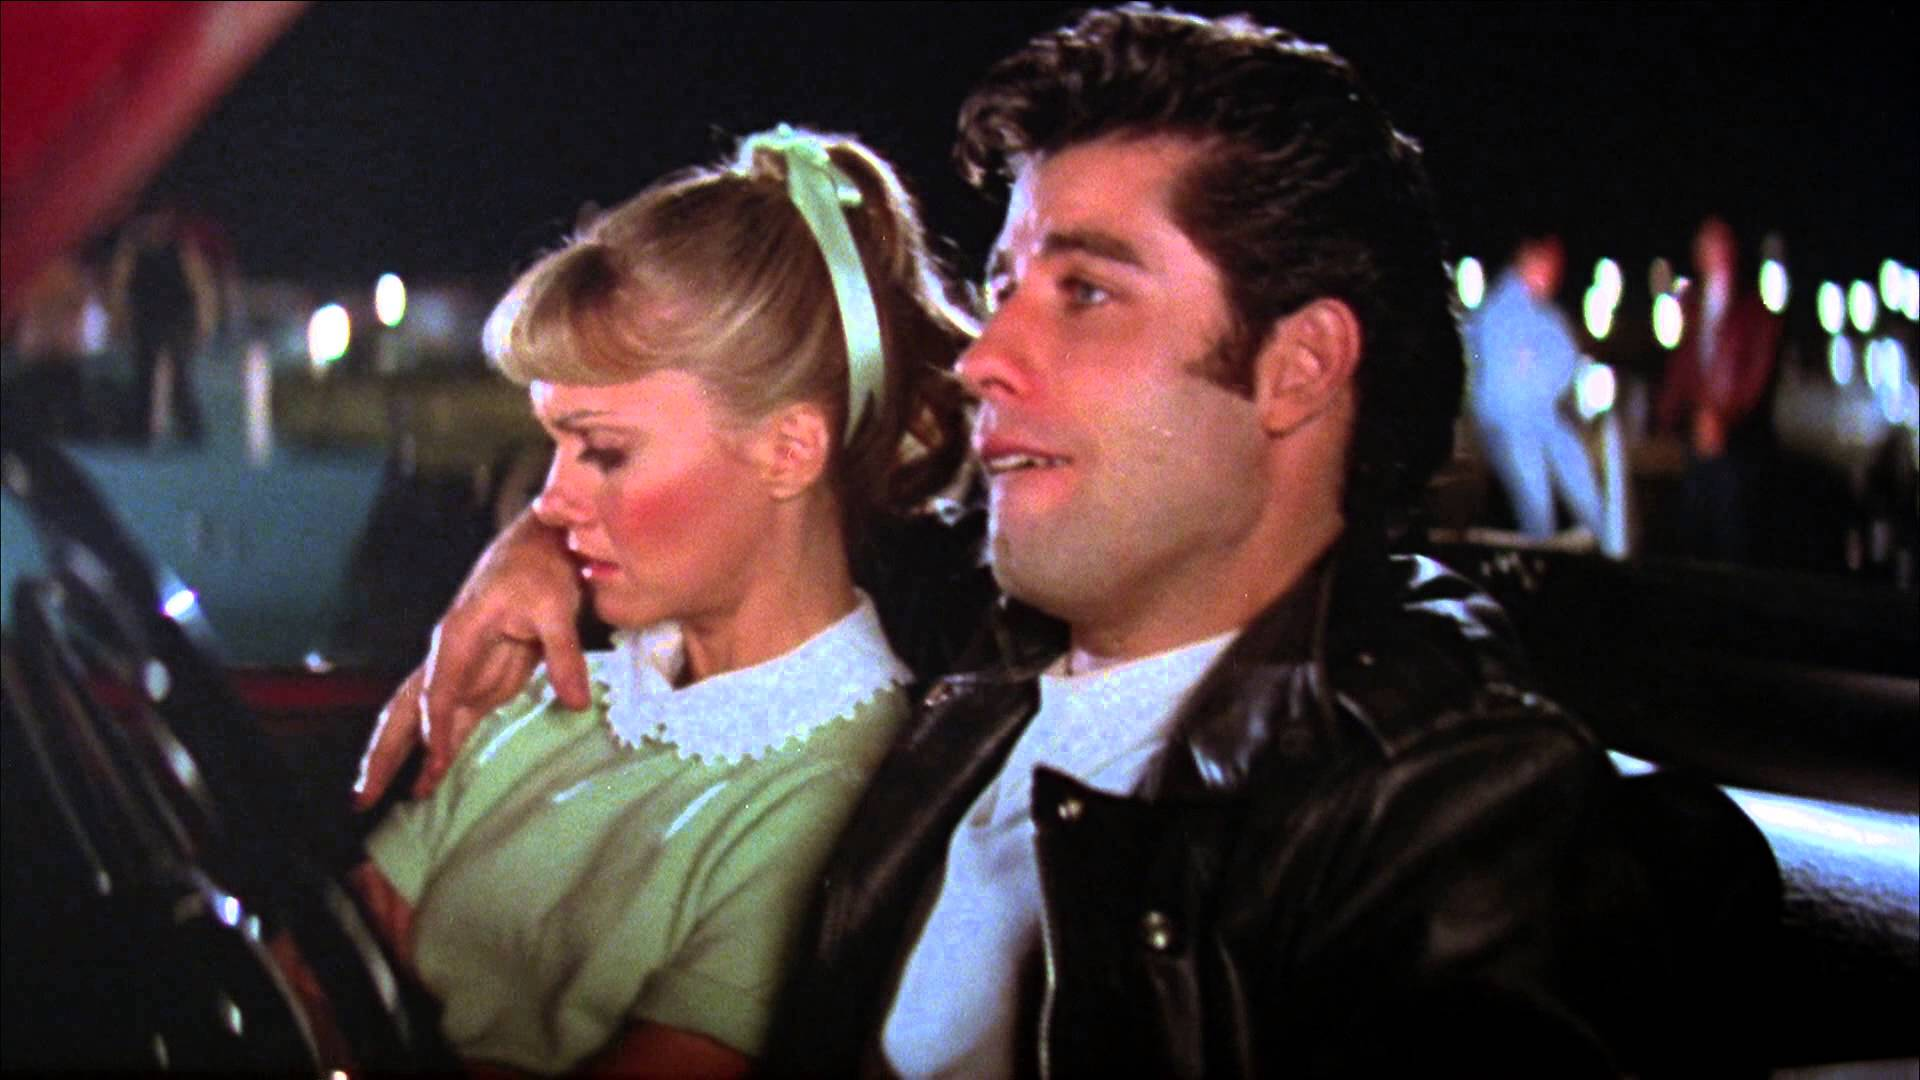 Un instante de 'Grease', cuando sus protagonistas entán en un cine de verano.